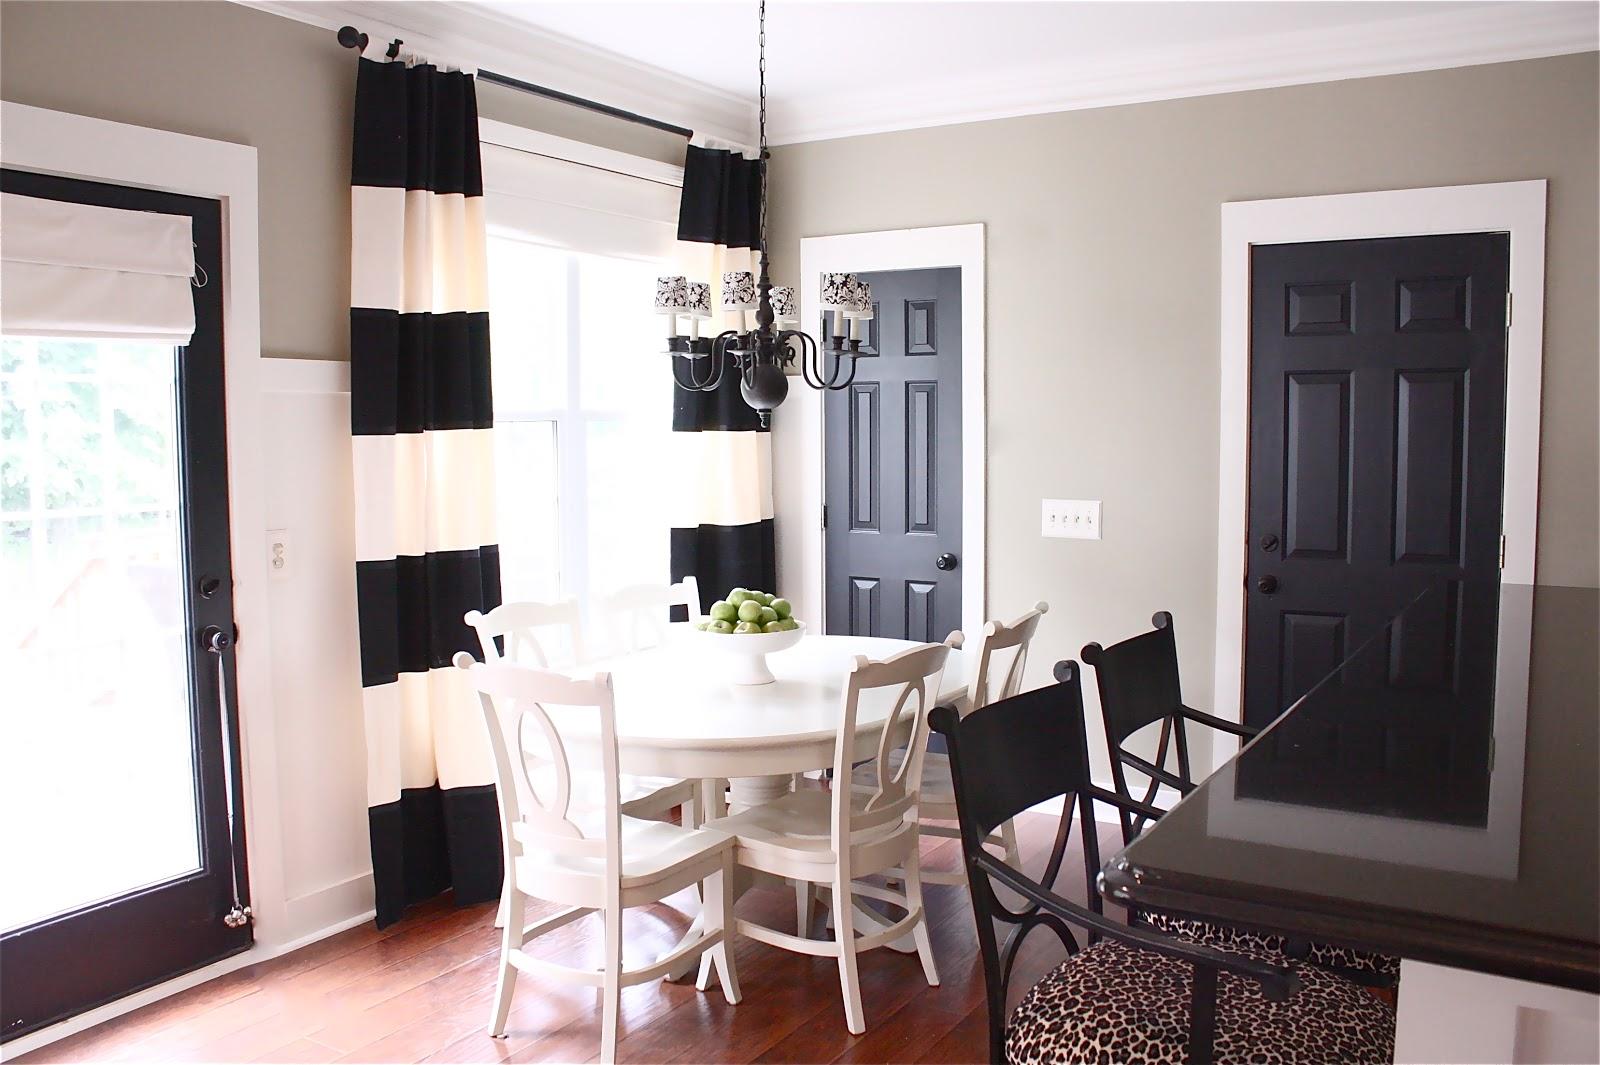 10 trucchi per rendere elegante una casa senza spendere for Piani di casa di fascia alta